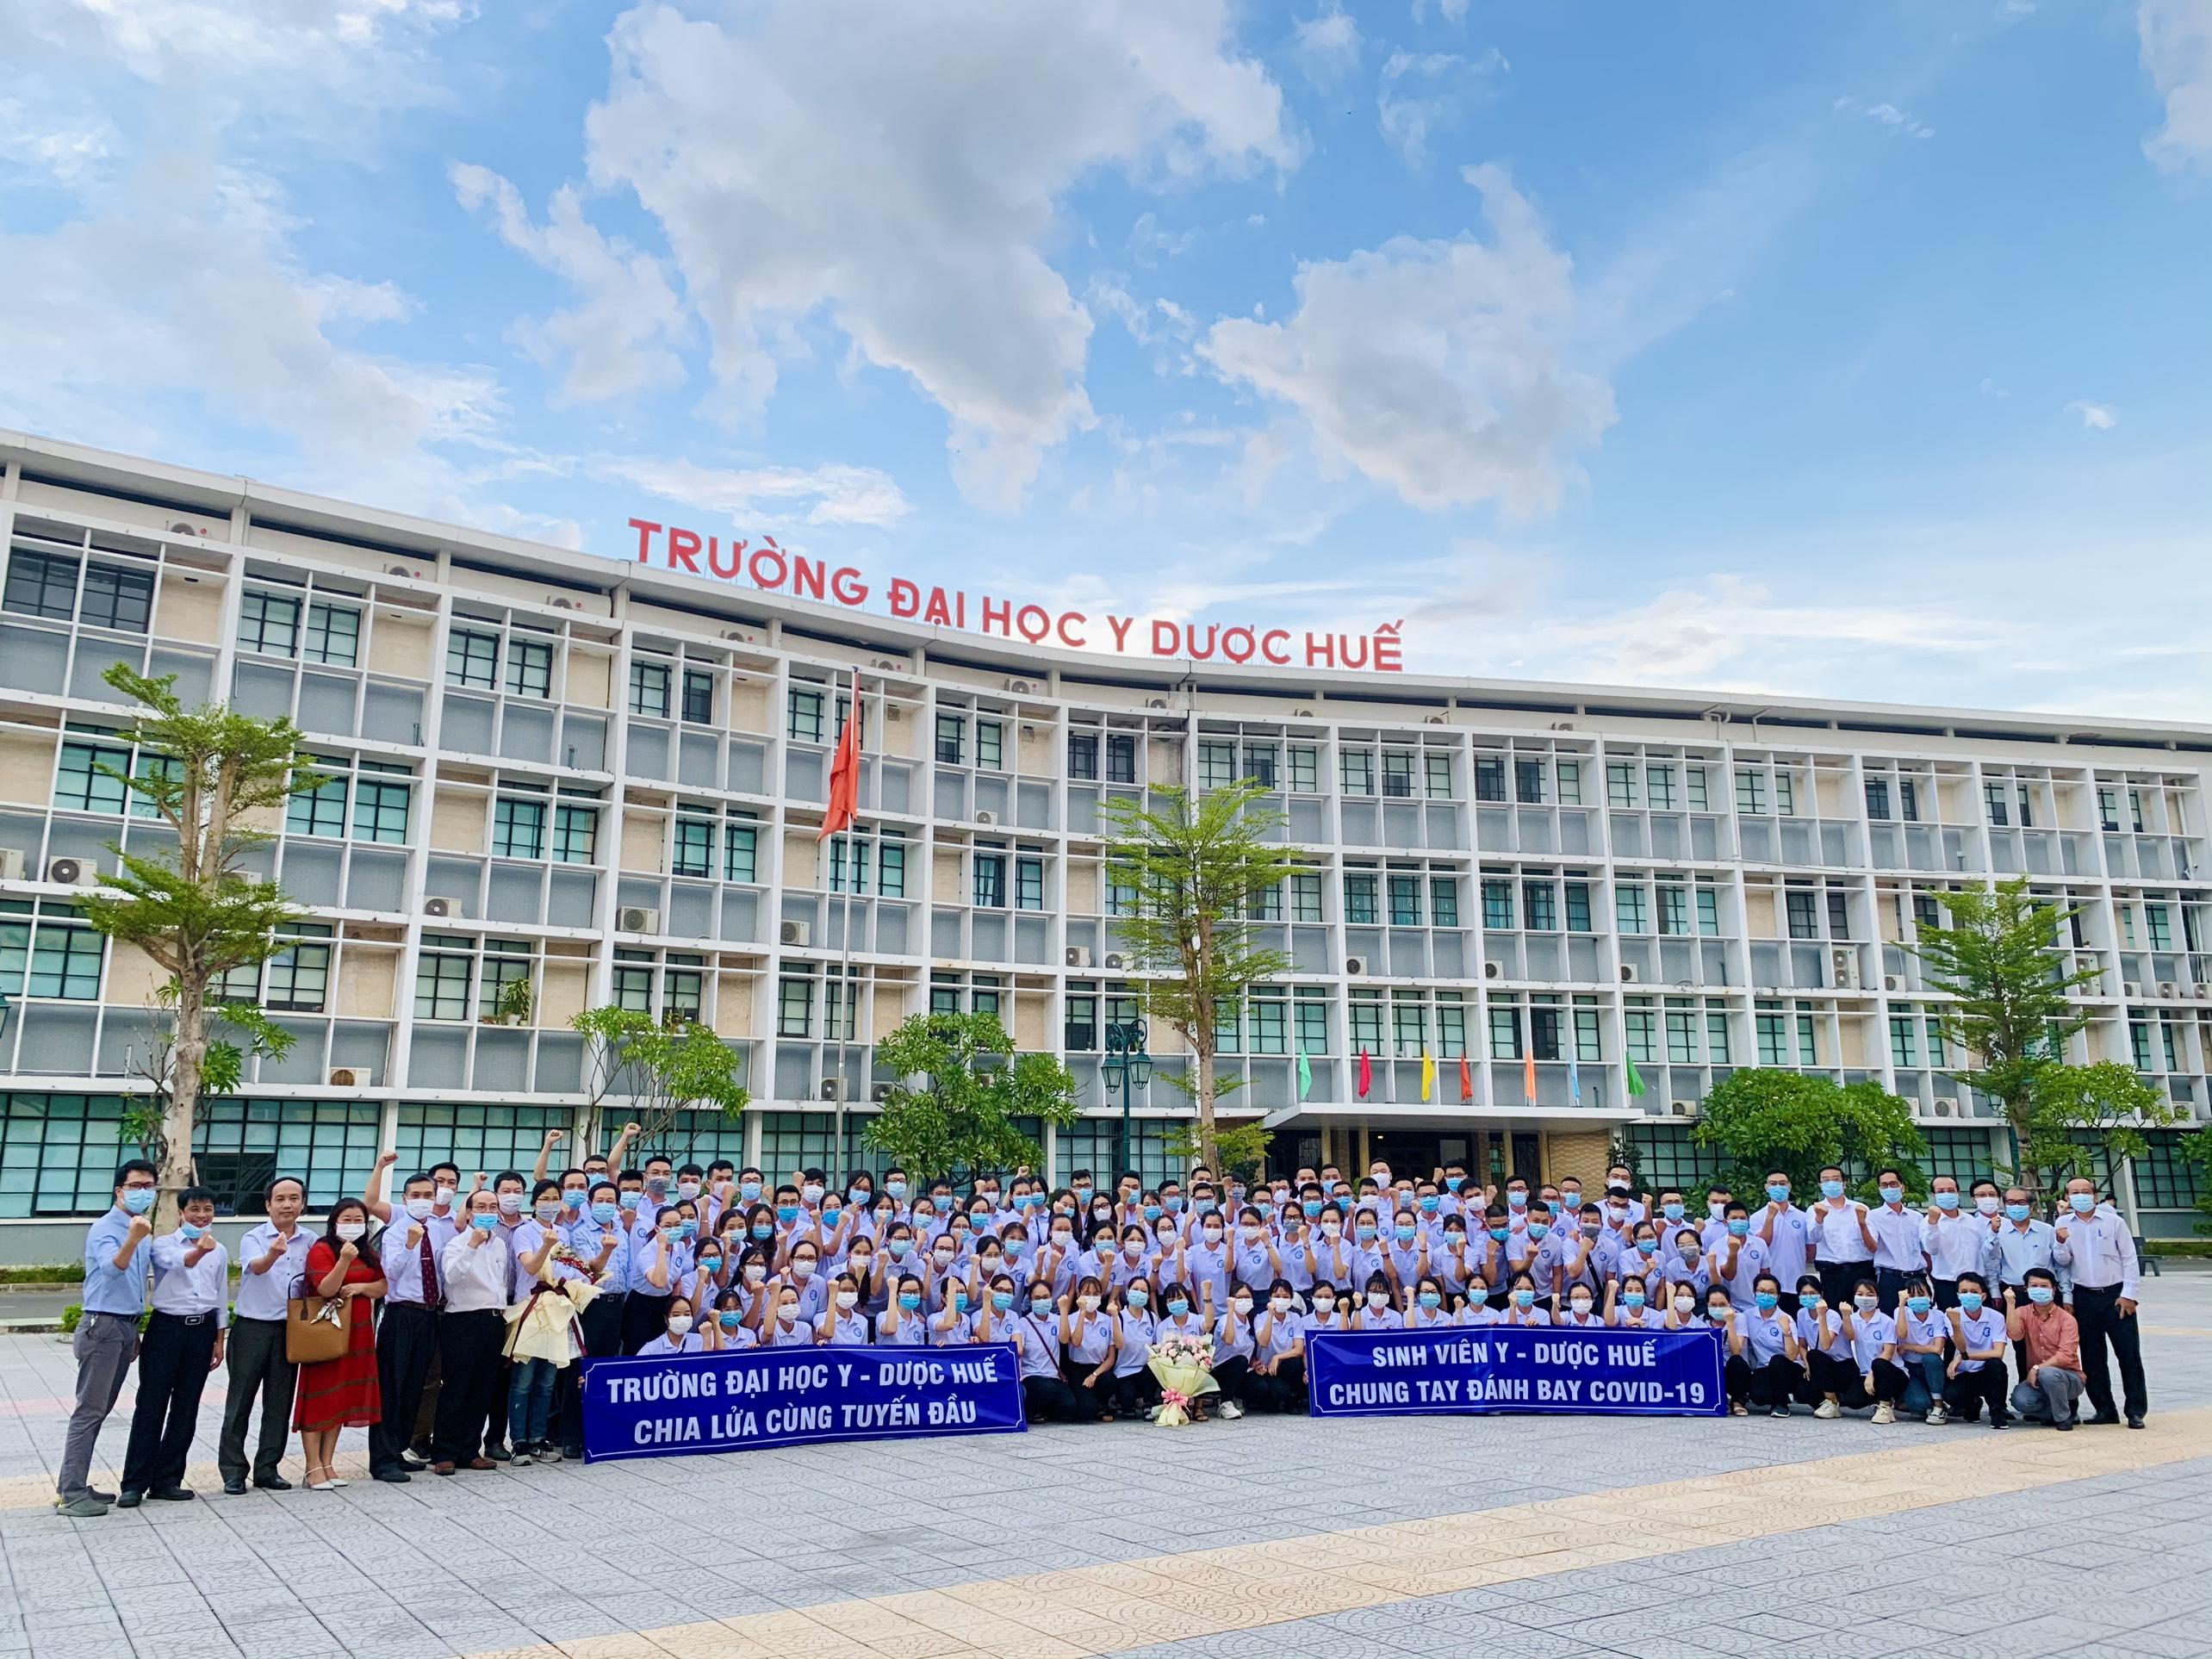 Đoàn tình nguyện số 3 Trường Đại học Y - Dược, Đại học Huế hỗ trợ công tác phòng chống dịch bệnh Covid-19 tại tỉnh Đồng Nai